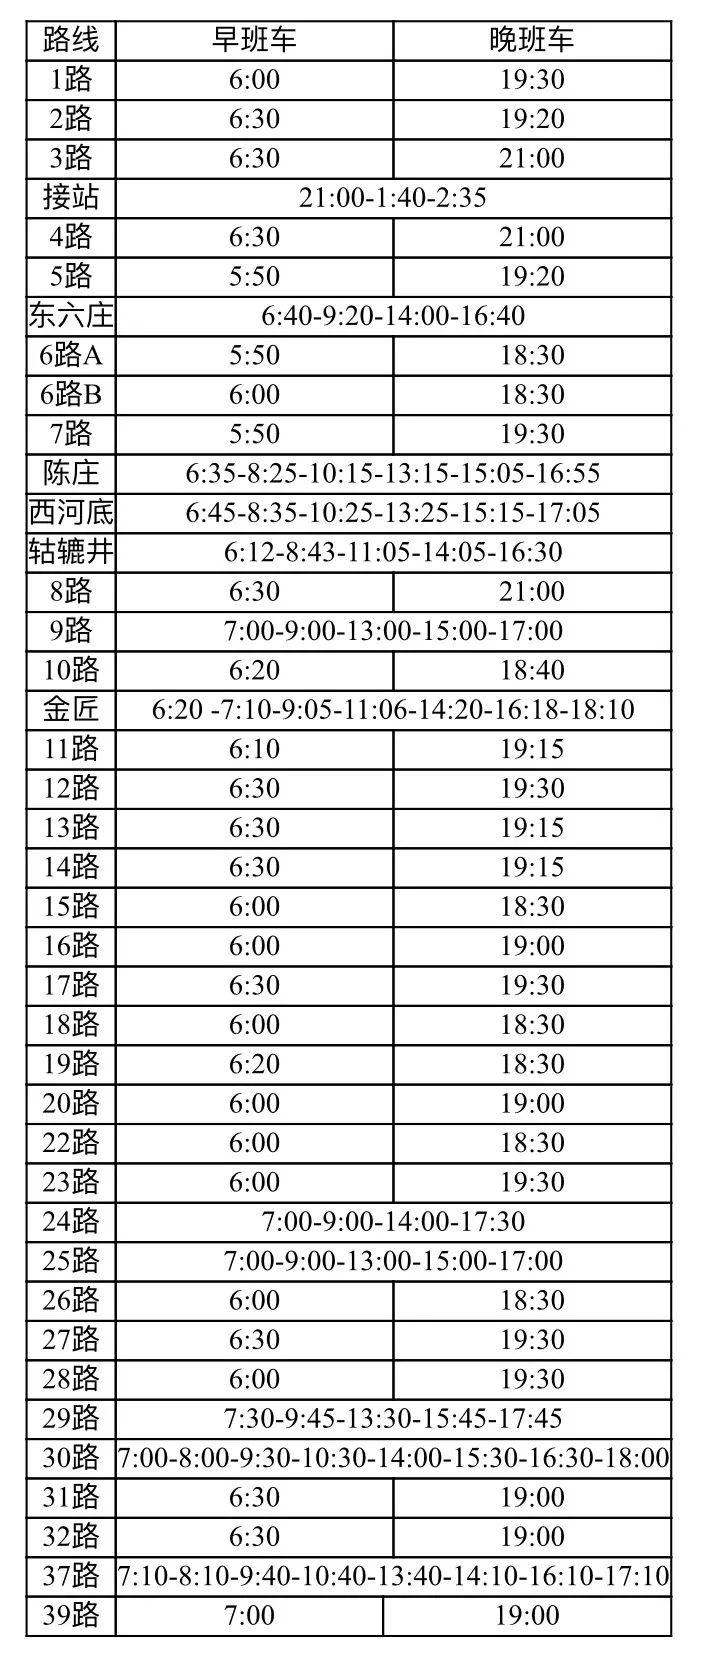 【扩散】晋城公交时间路线大调整!